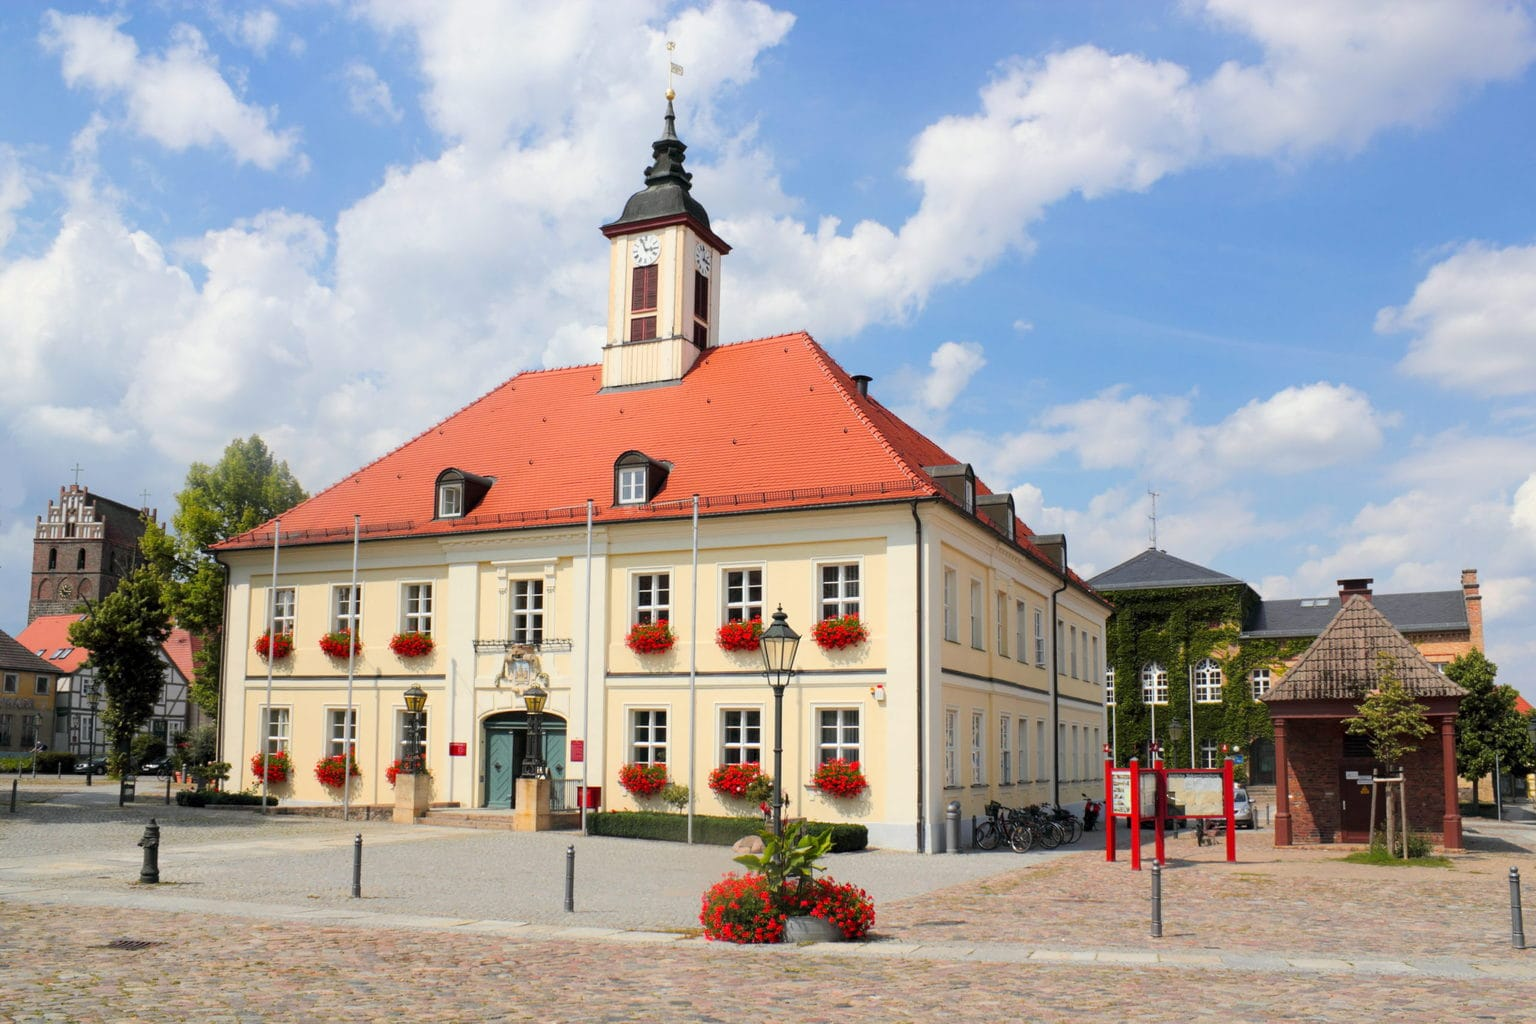 Stadhuis van Angermünde in de Uckermark